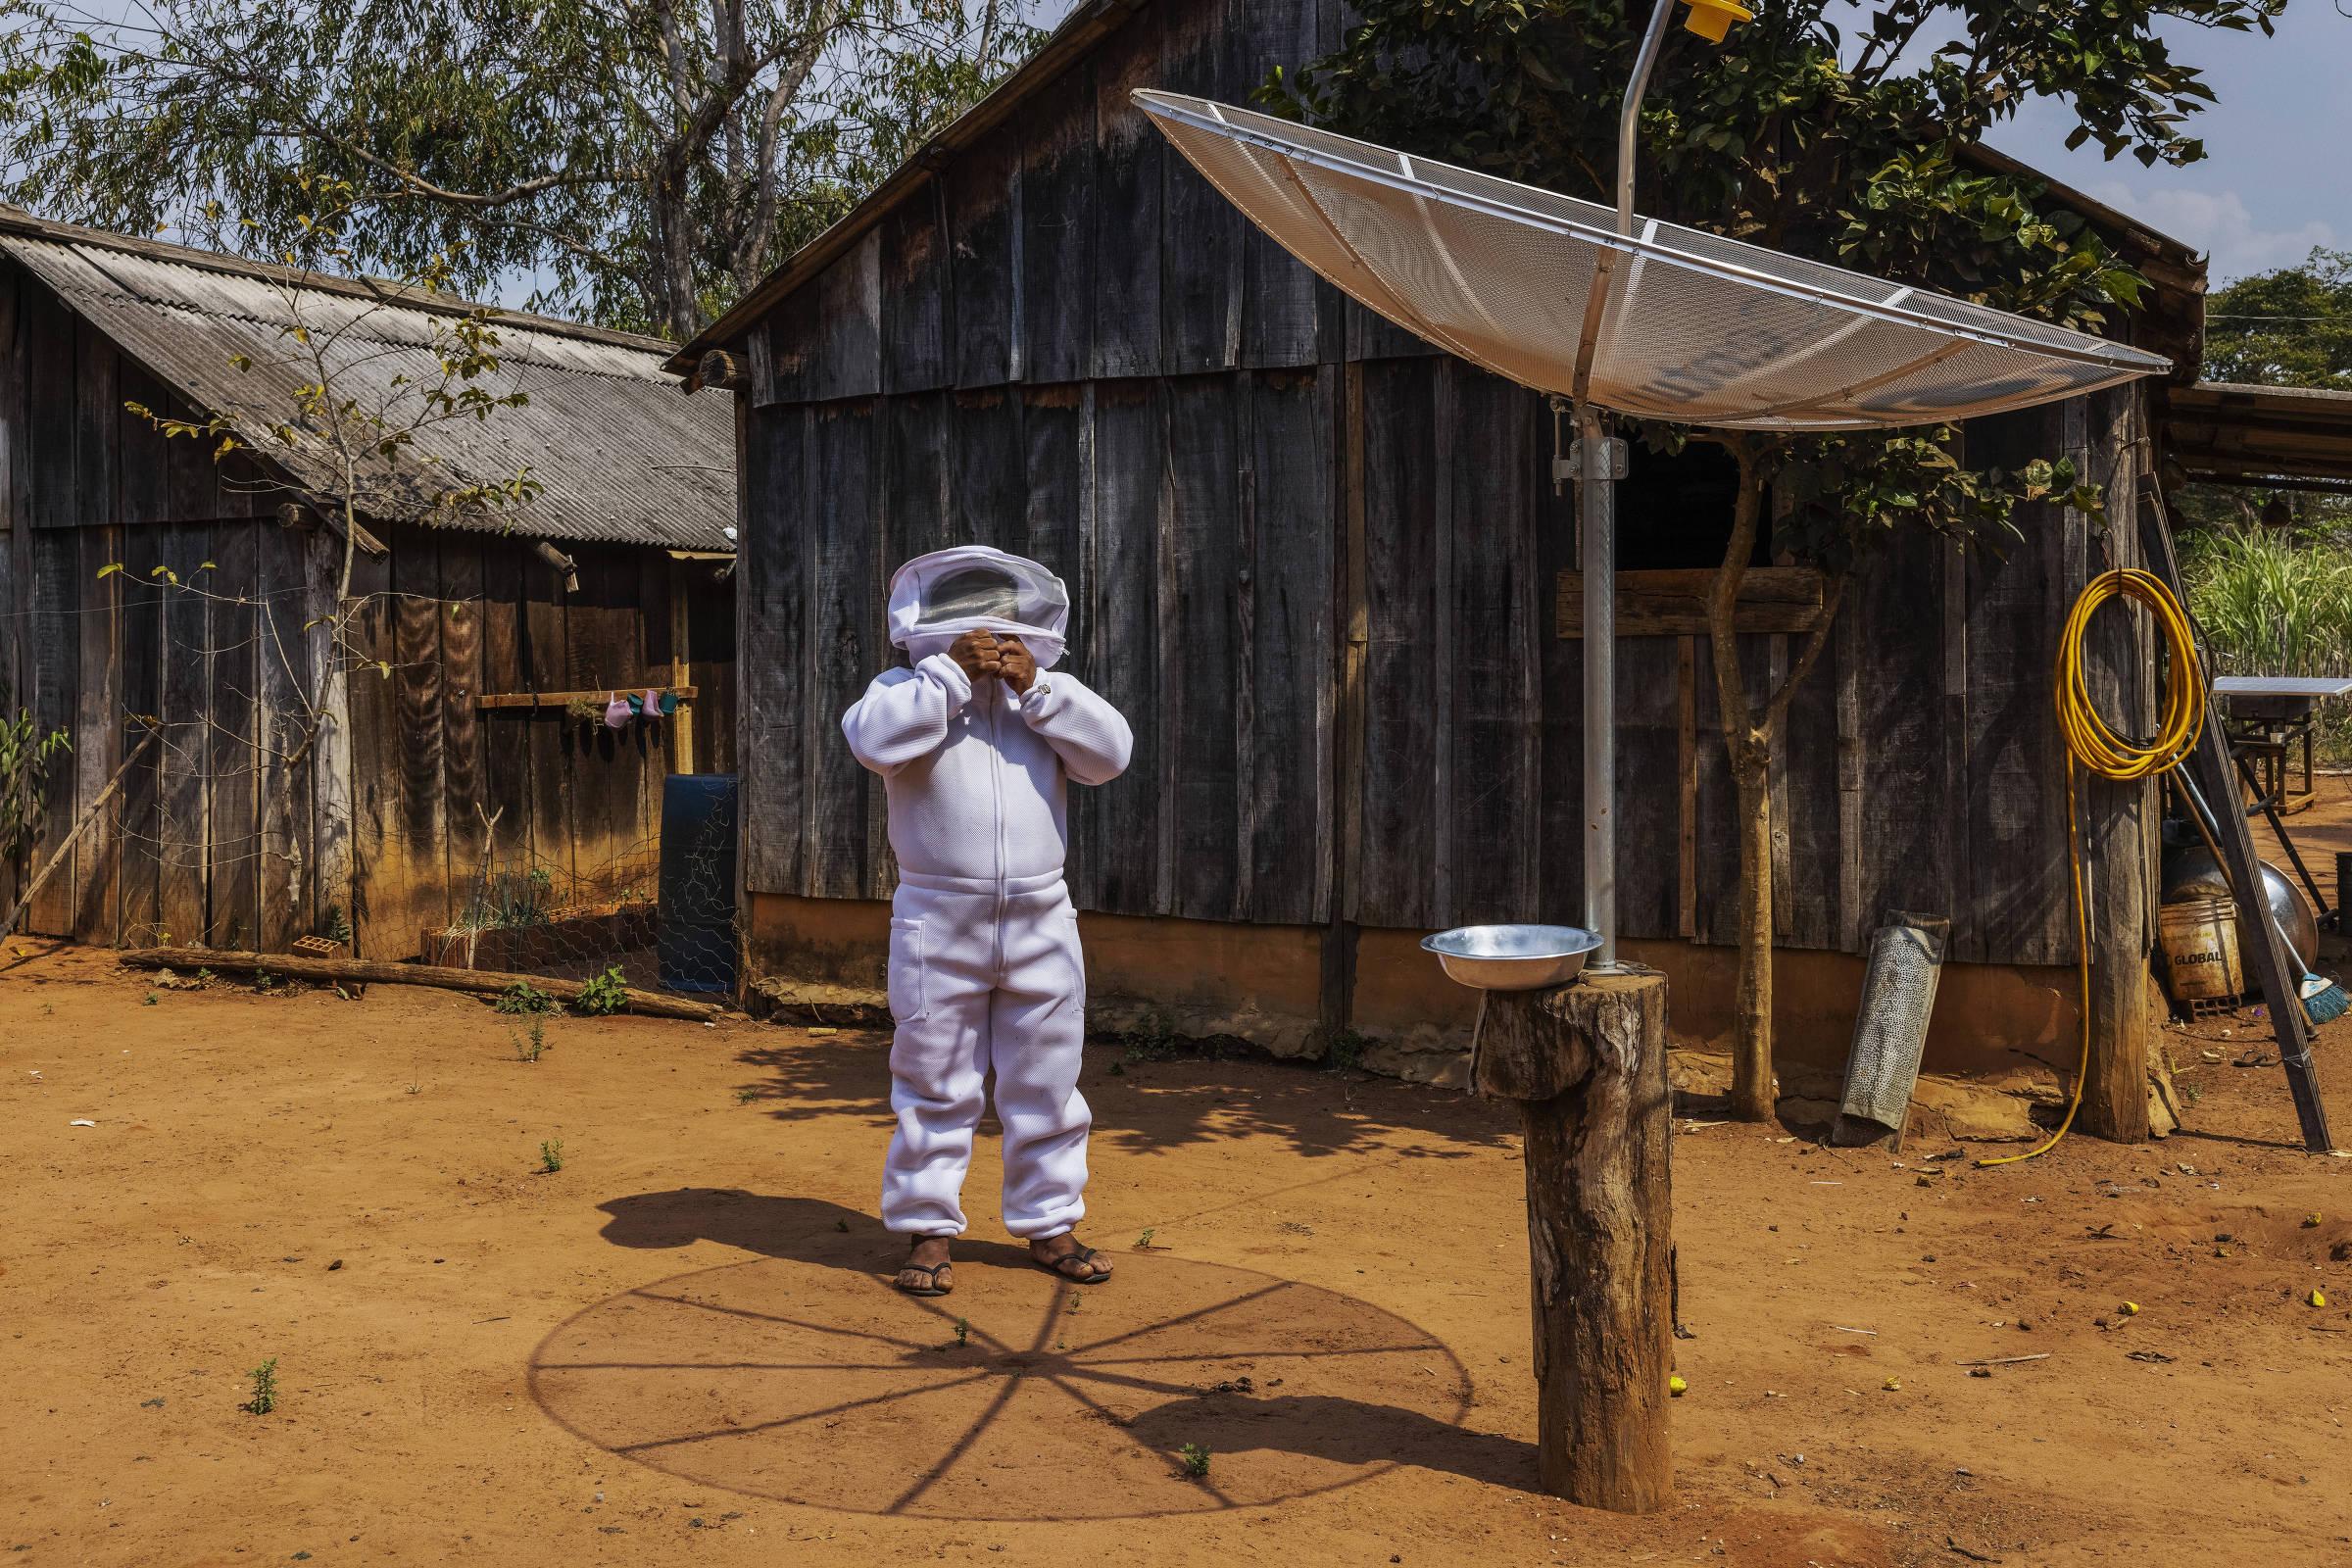 O manoki Paulo Marcos Tupxi, que produz mel em sua aldeia 13 de maio, na Terra Indígena Irantxe, em Brasnorte (MT)